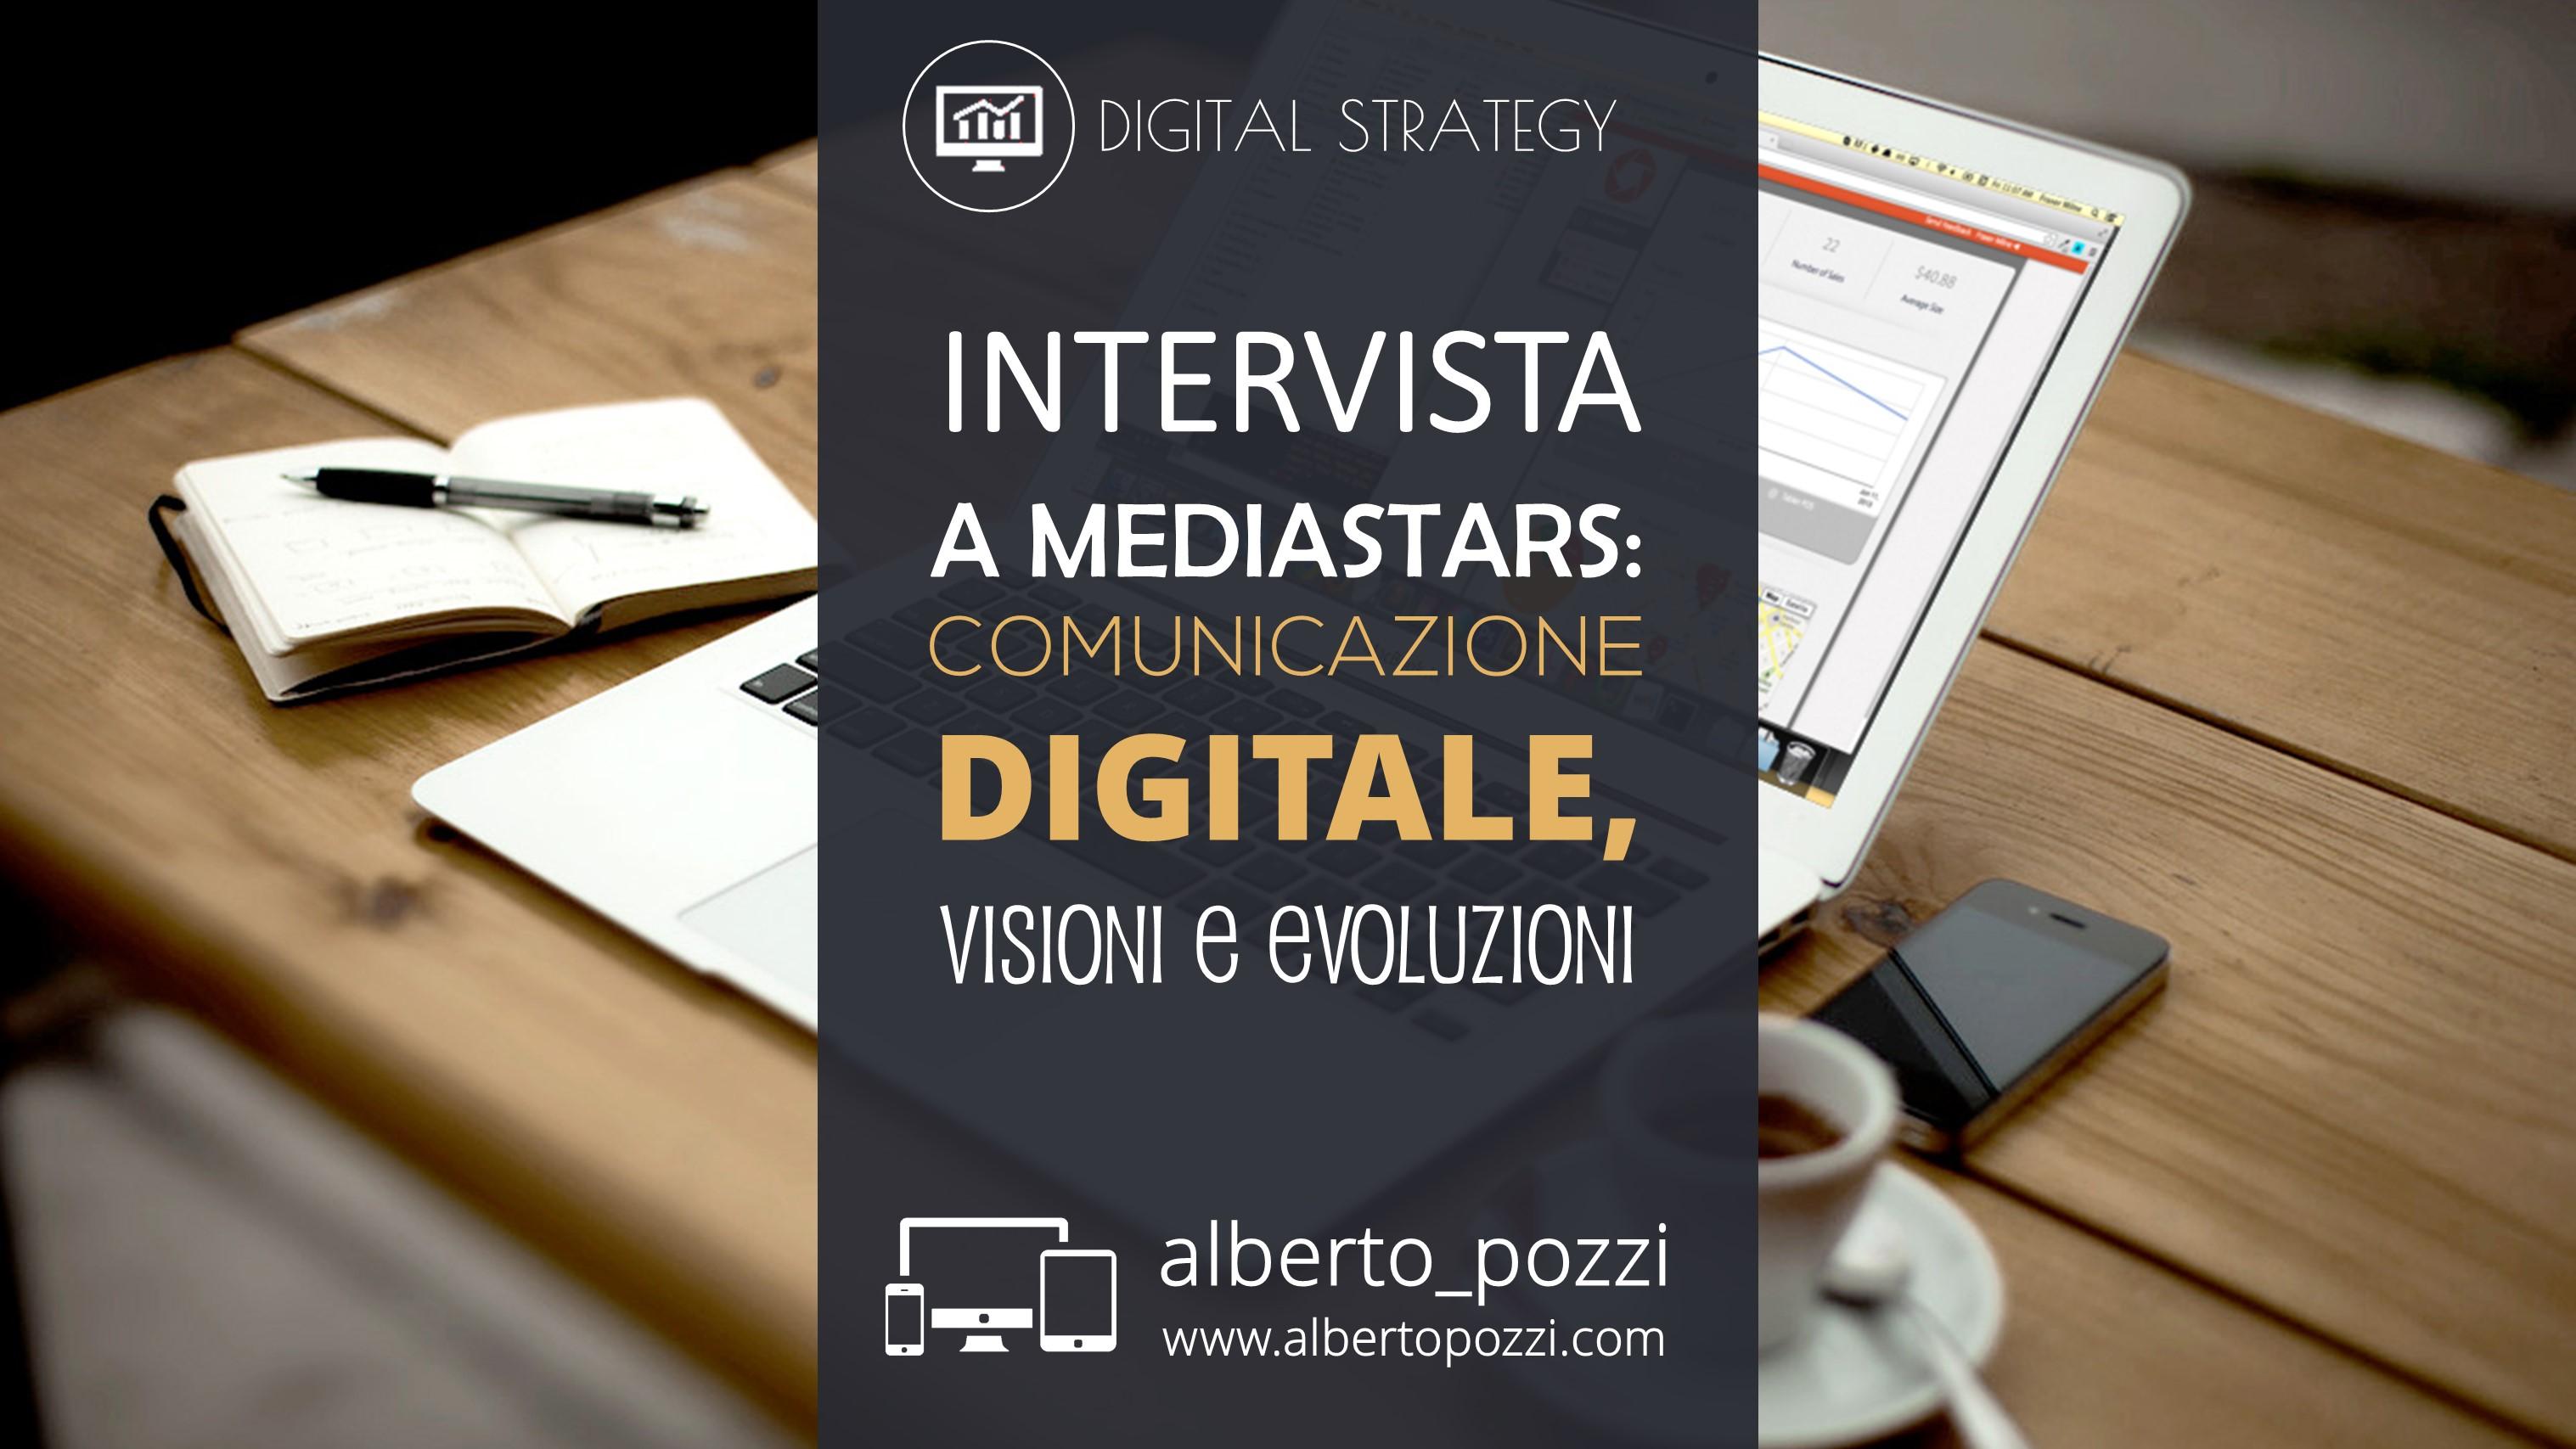 Comunicazione digitale / digital marketing: visioni e evoluzioni